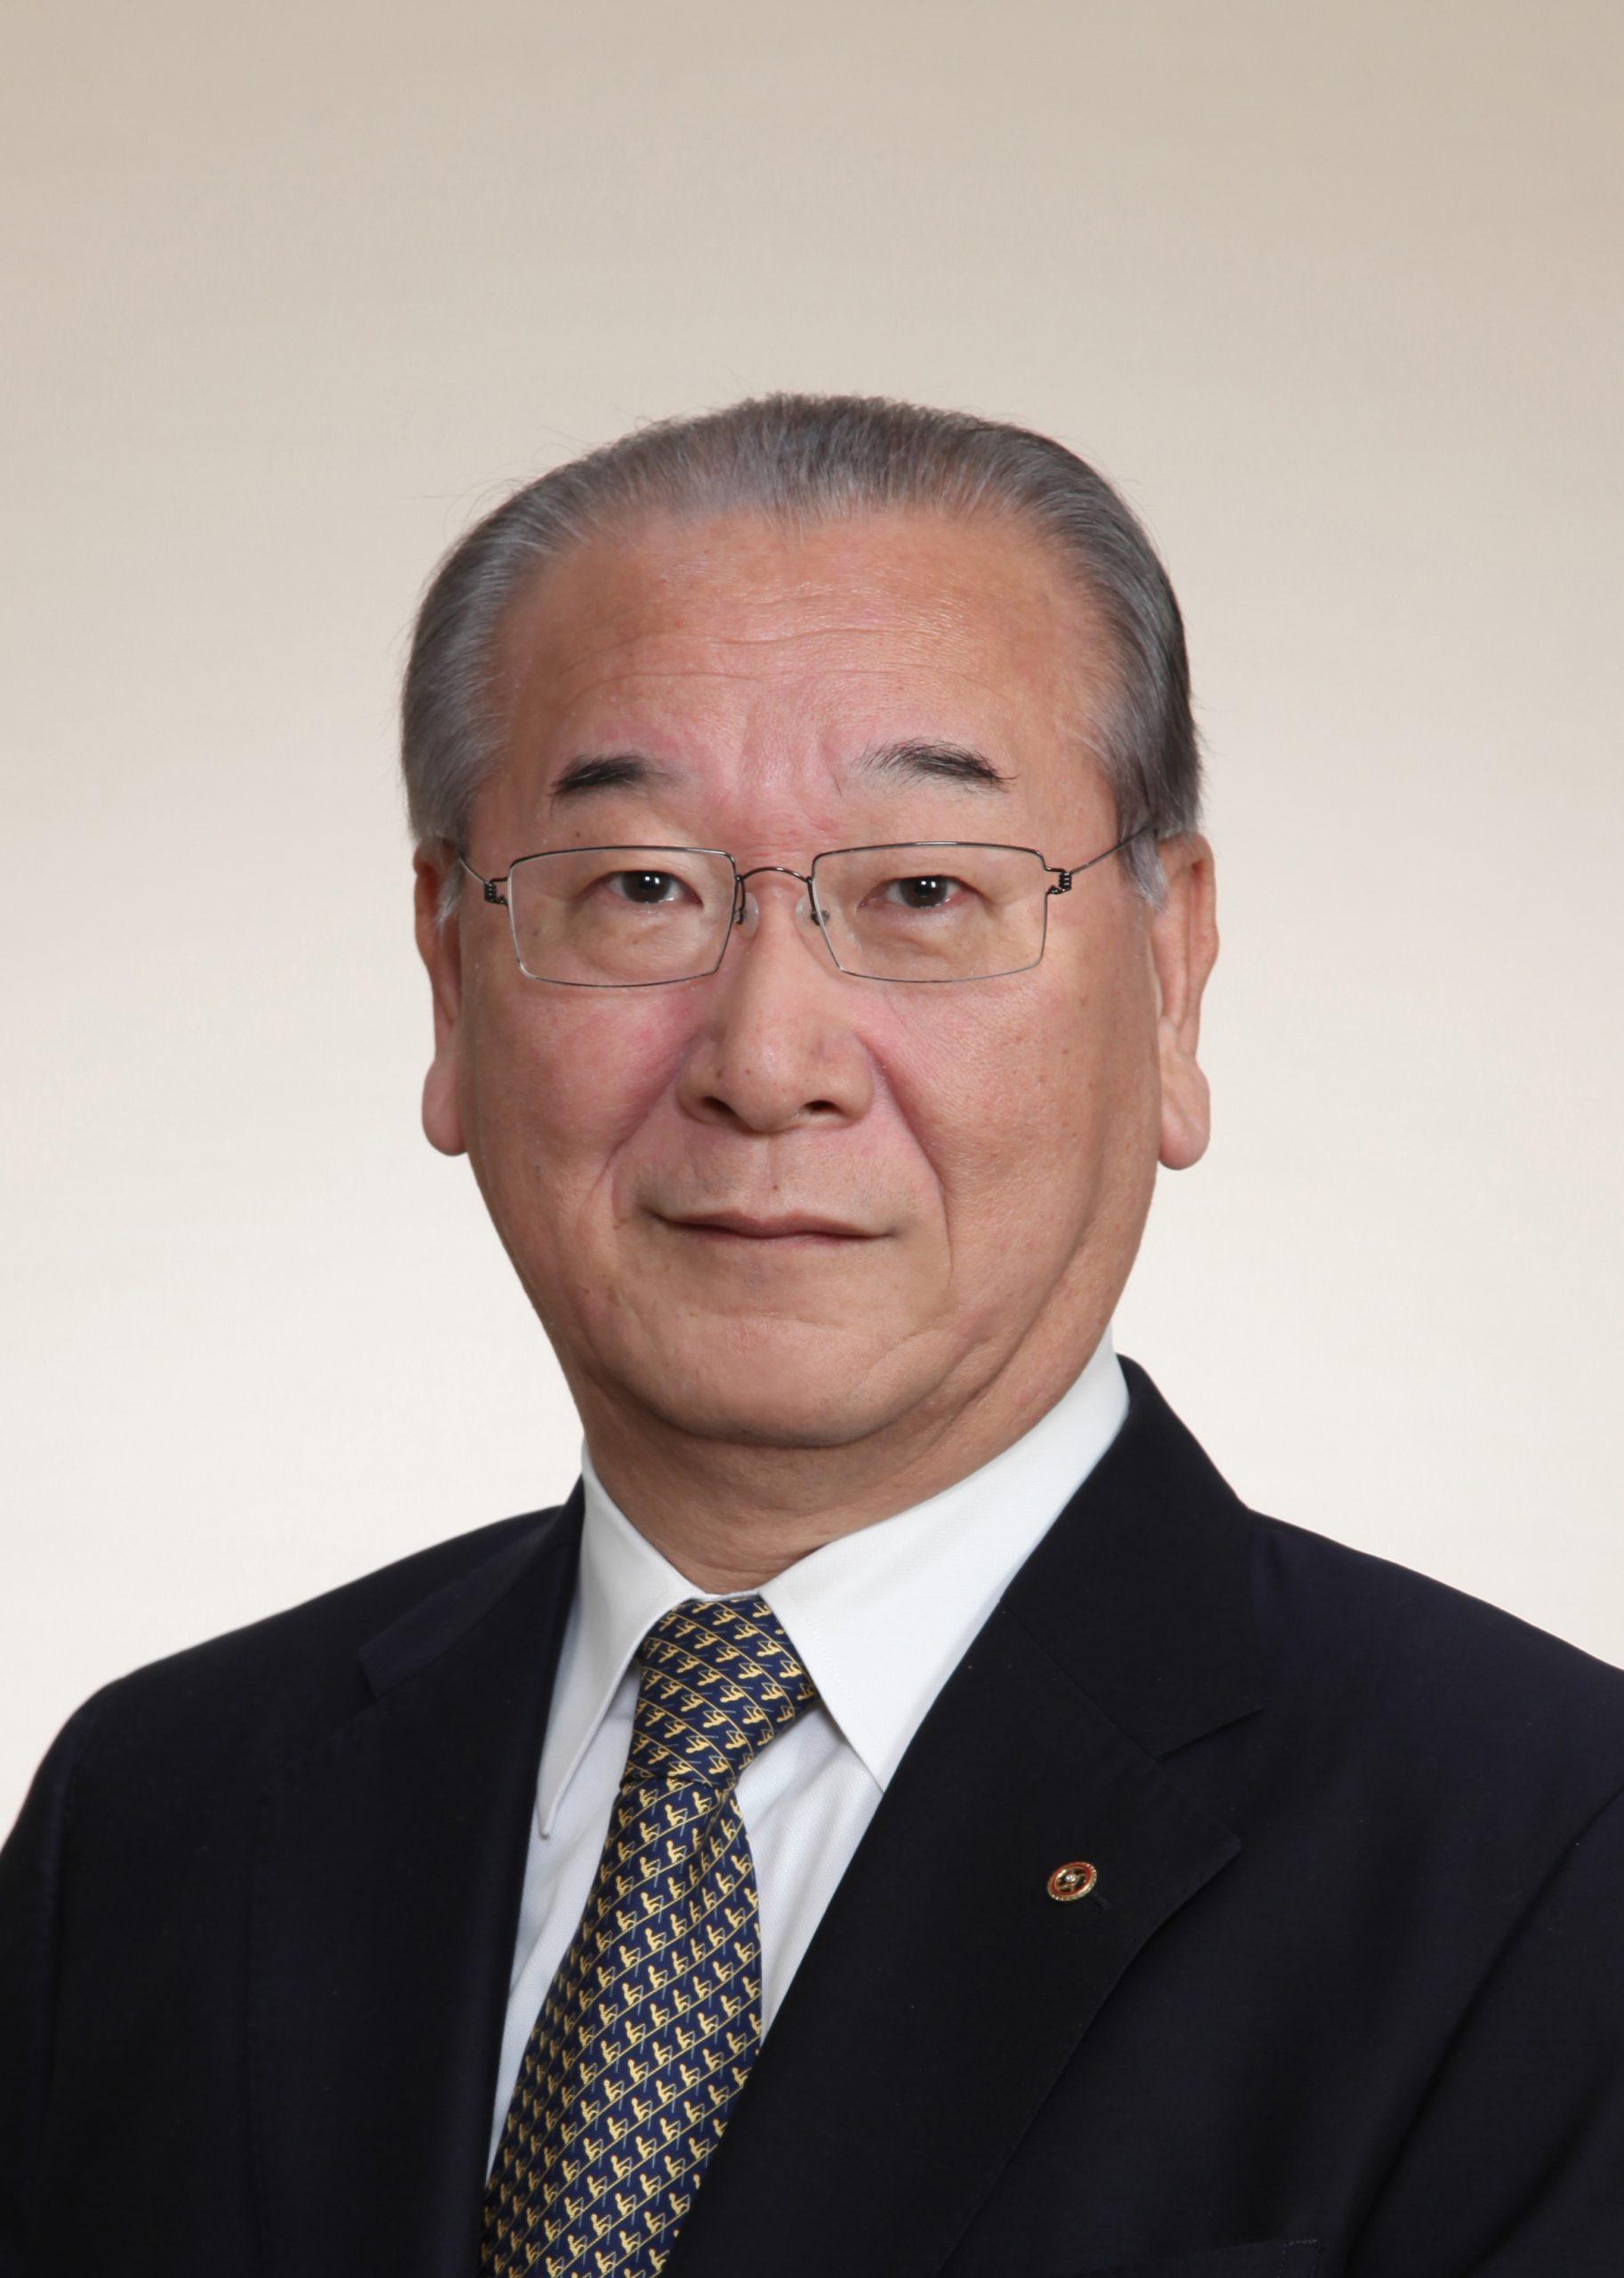 札幌商工会議所会頭 校主 岩田 圭剛